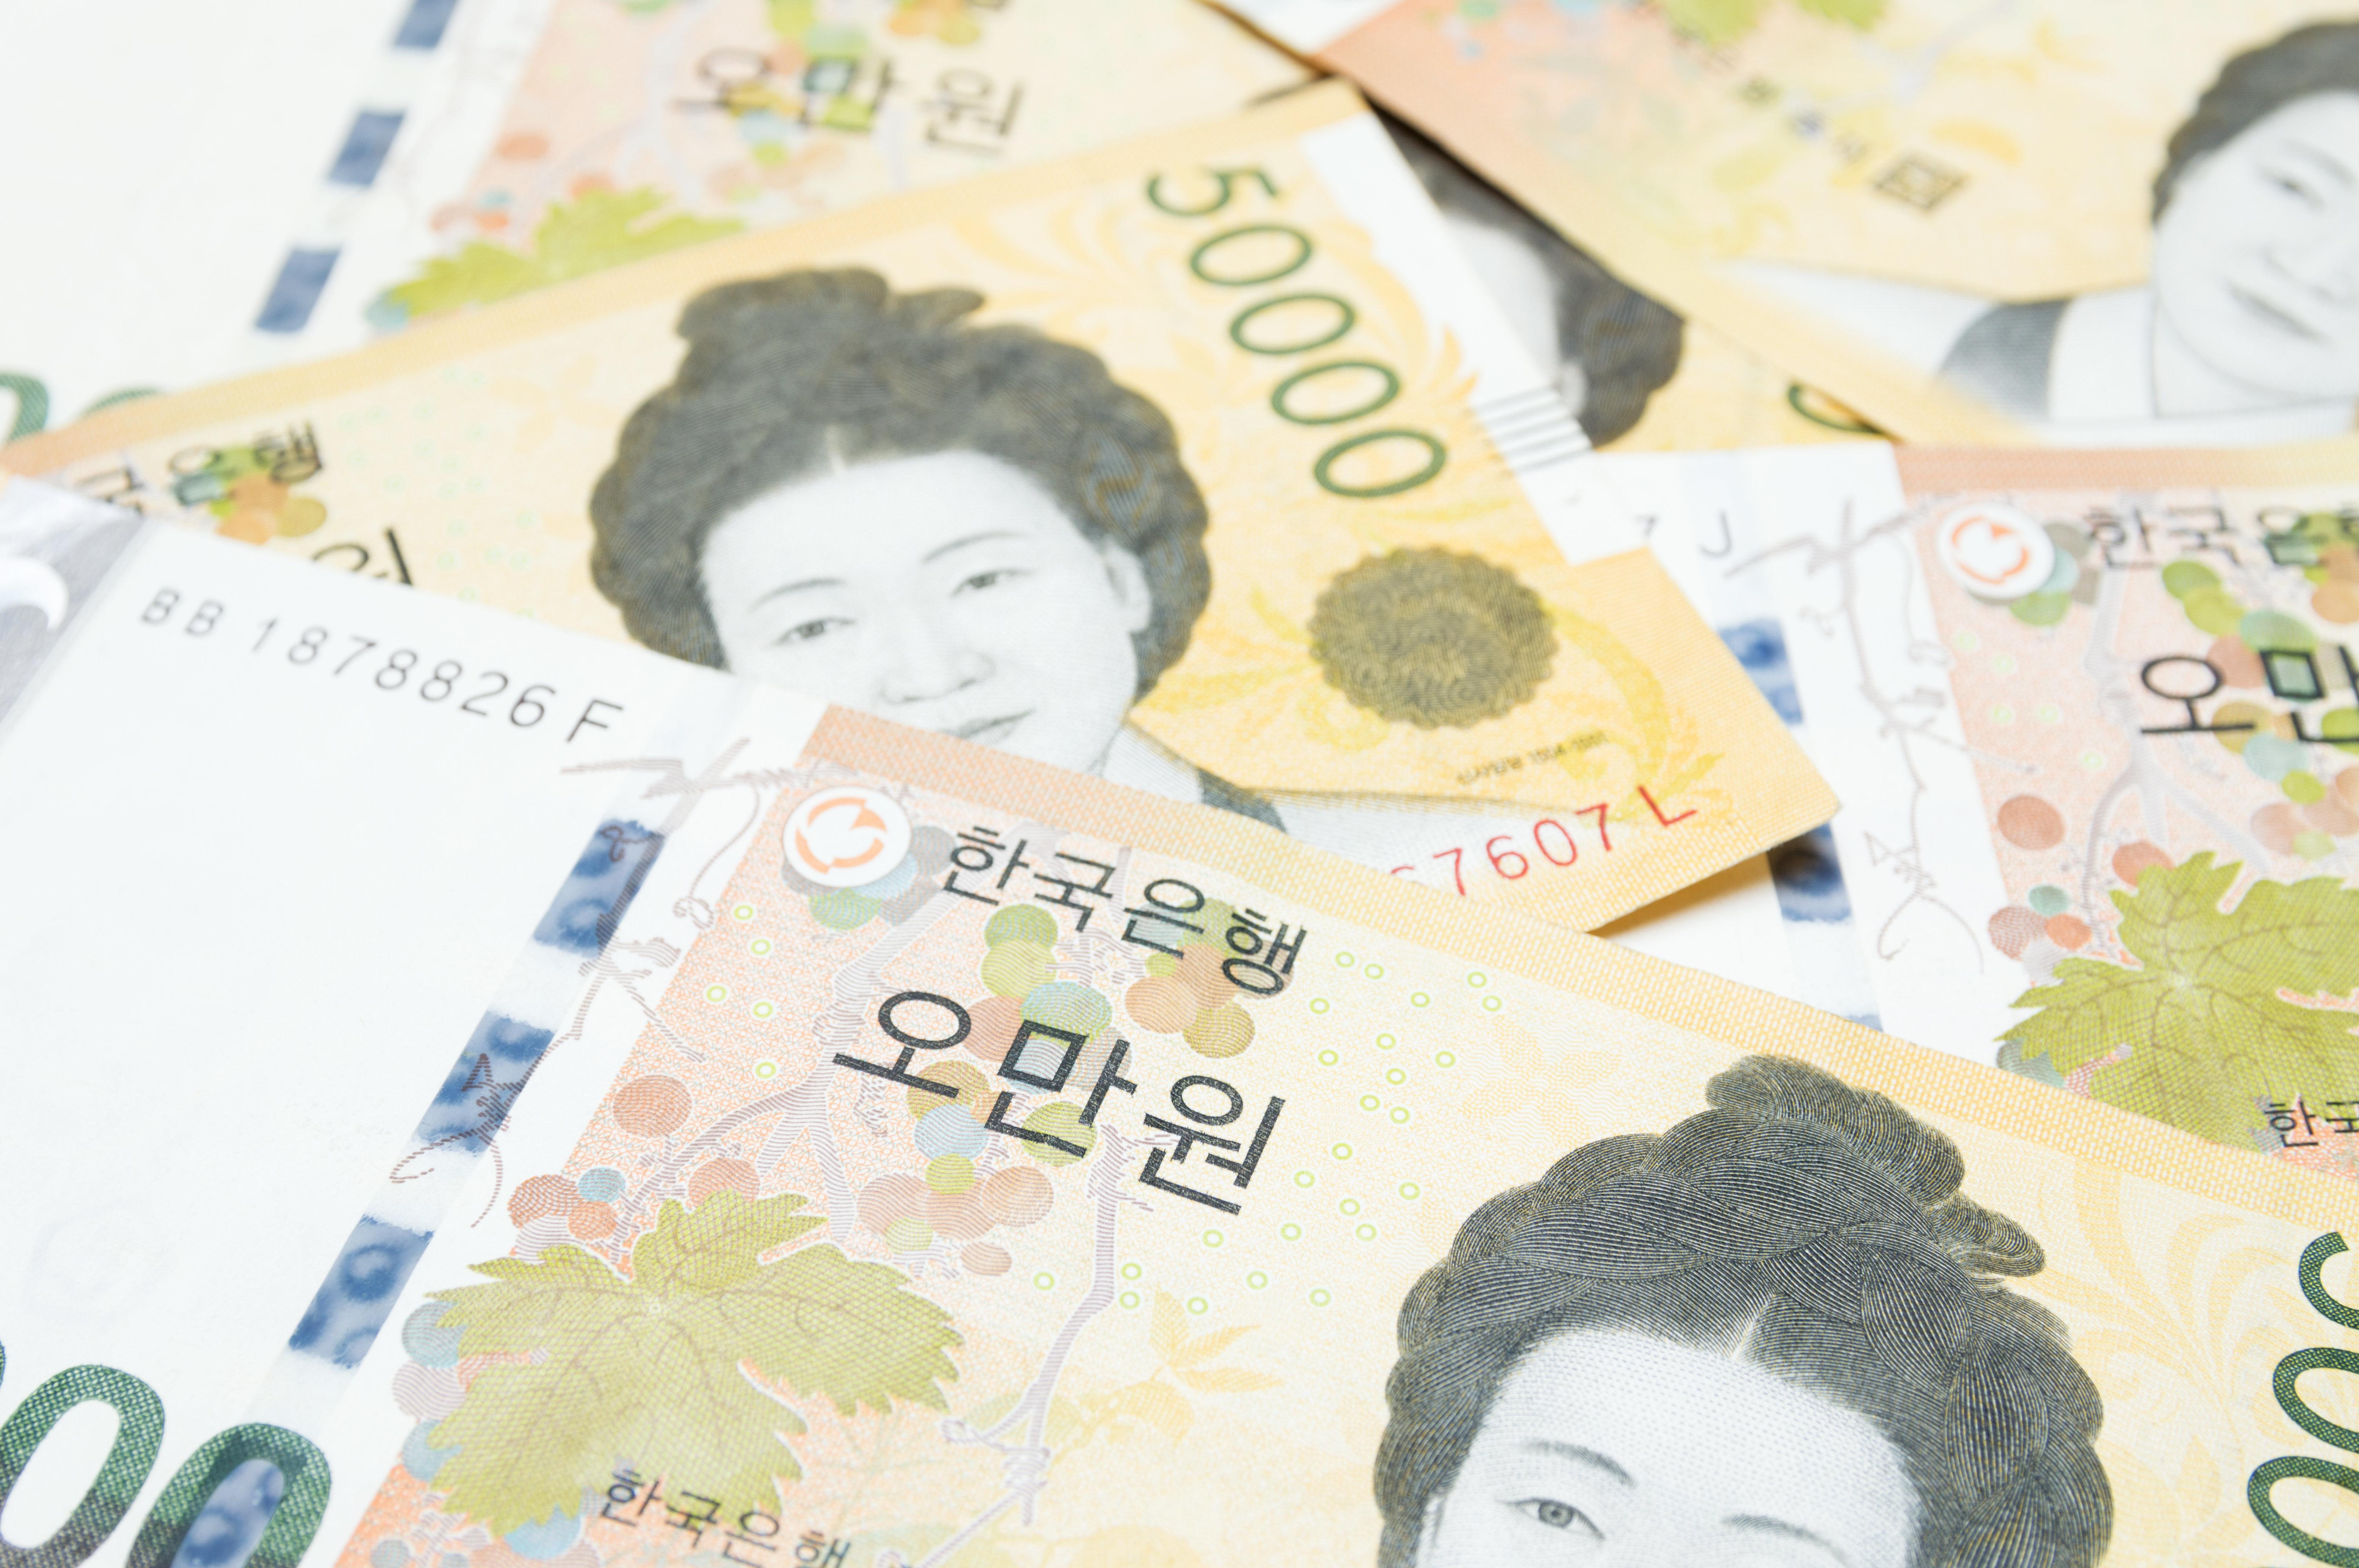 한국의 '성별 임금 격차'가 아시아 최악 수준이라는 보고서가